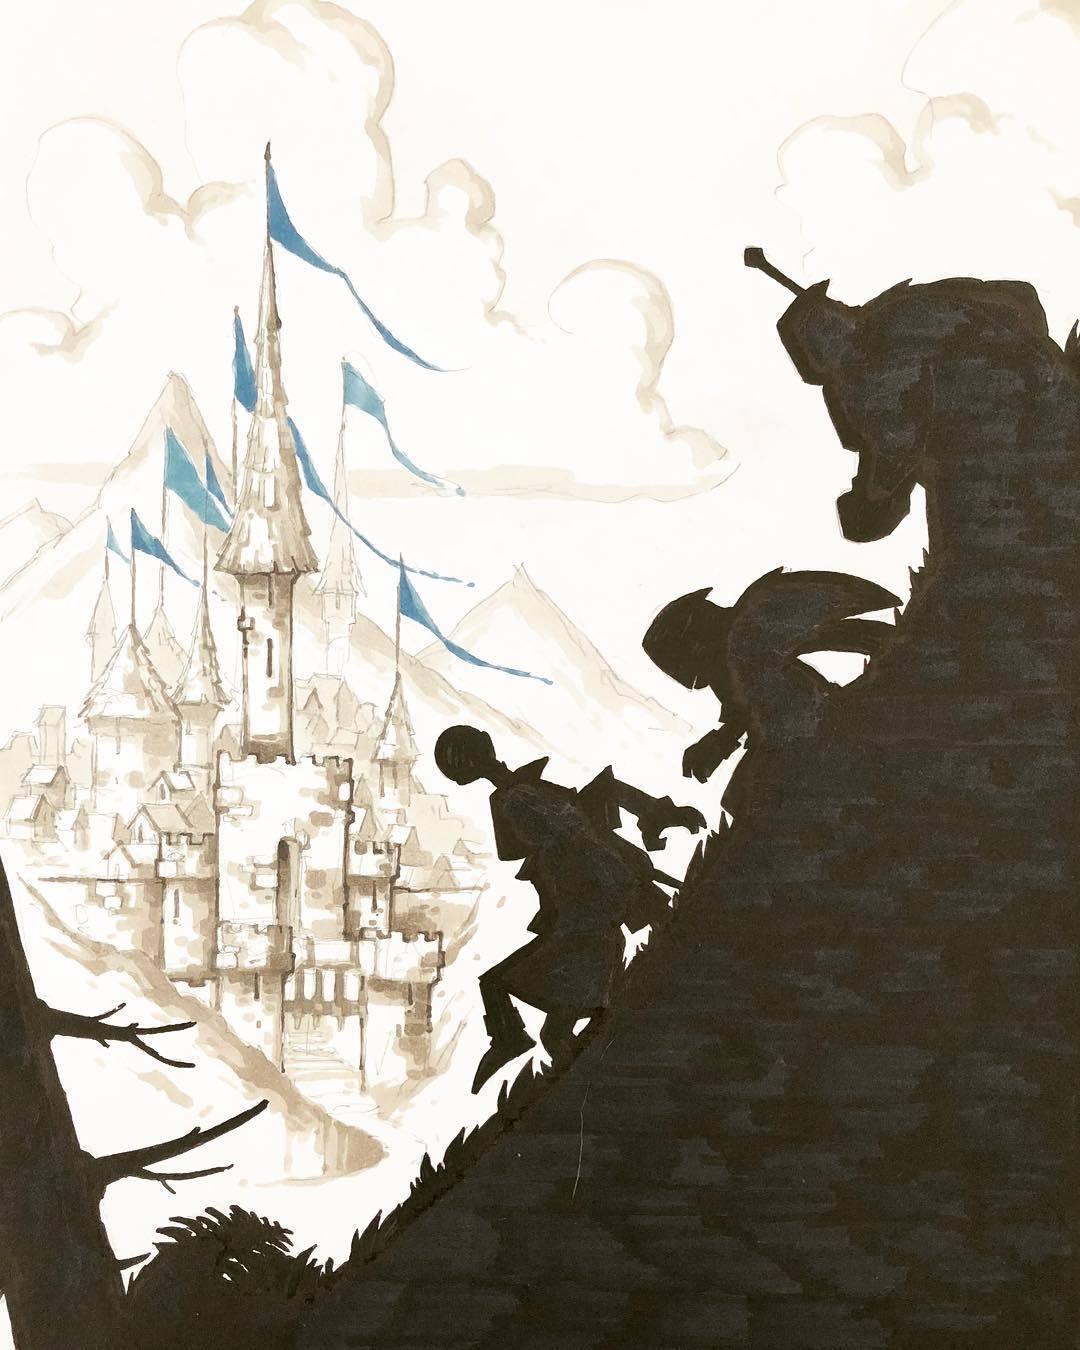 Похитители мечей. - Изображение 11